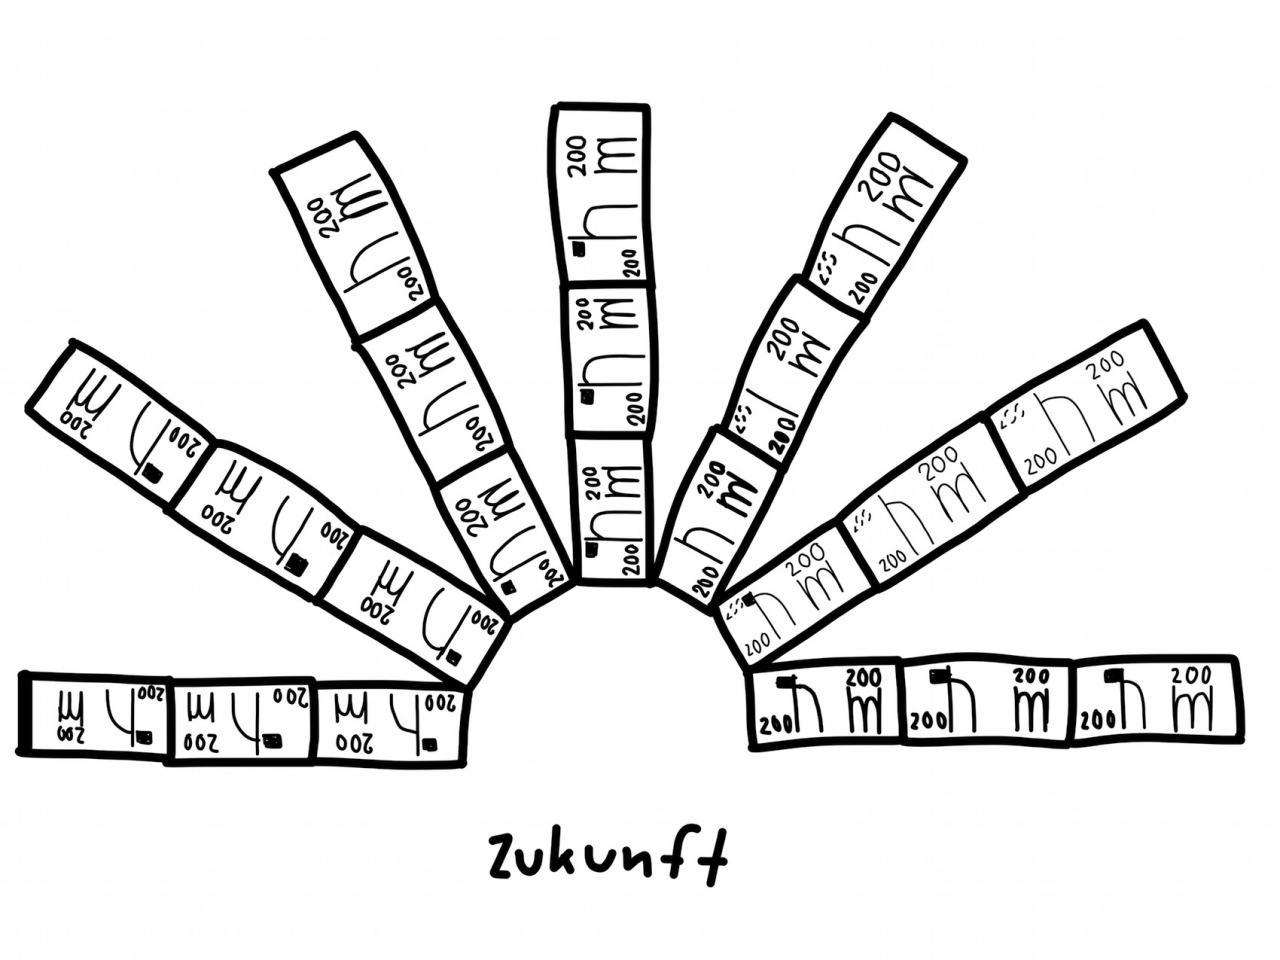 Illustrationvon Andreas Töpfer